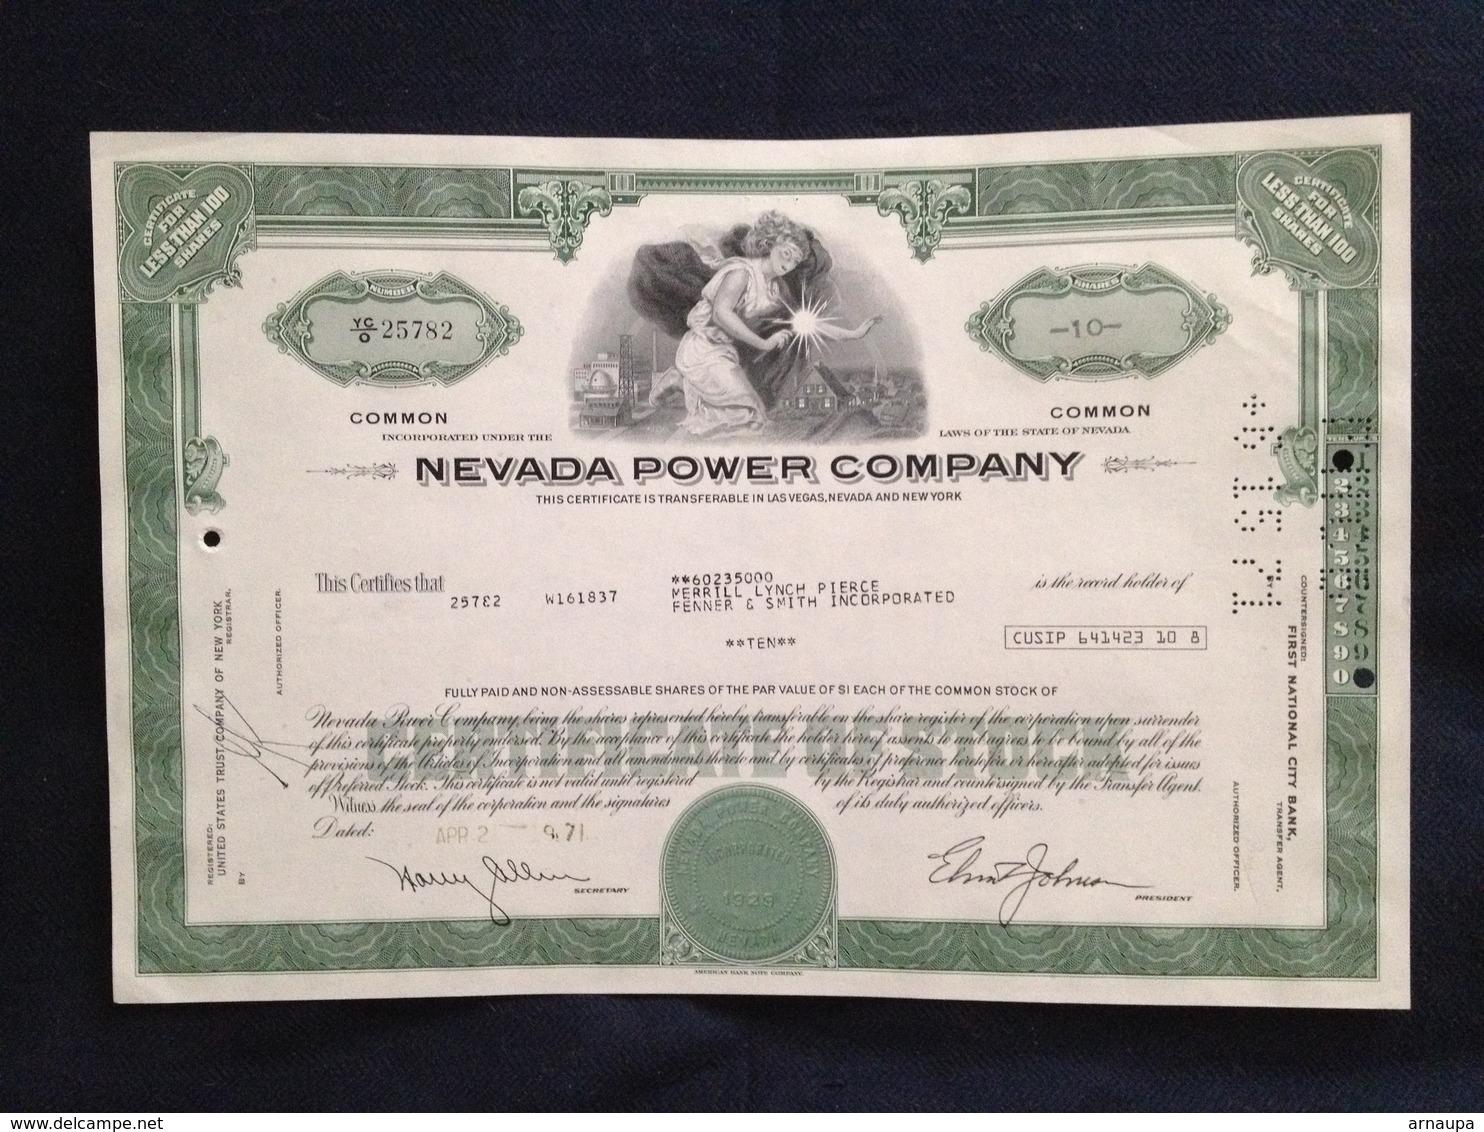 Nevada Power Company - Electricité & Gaz